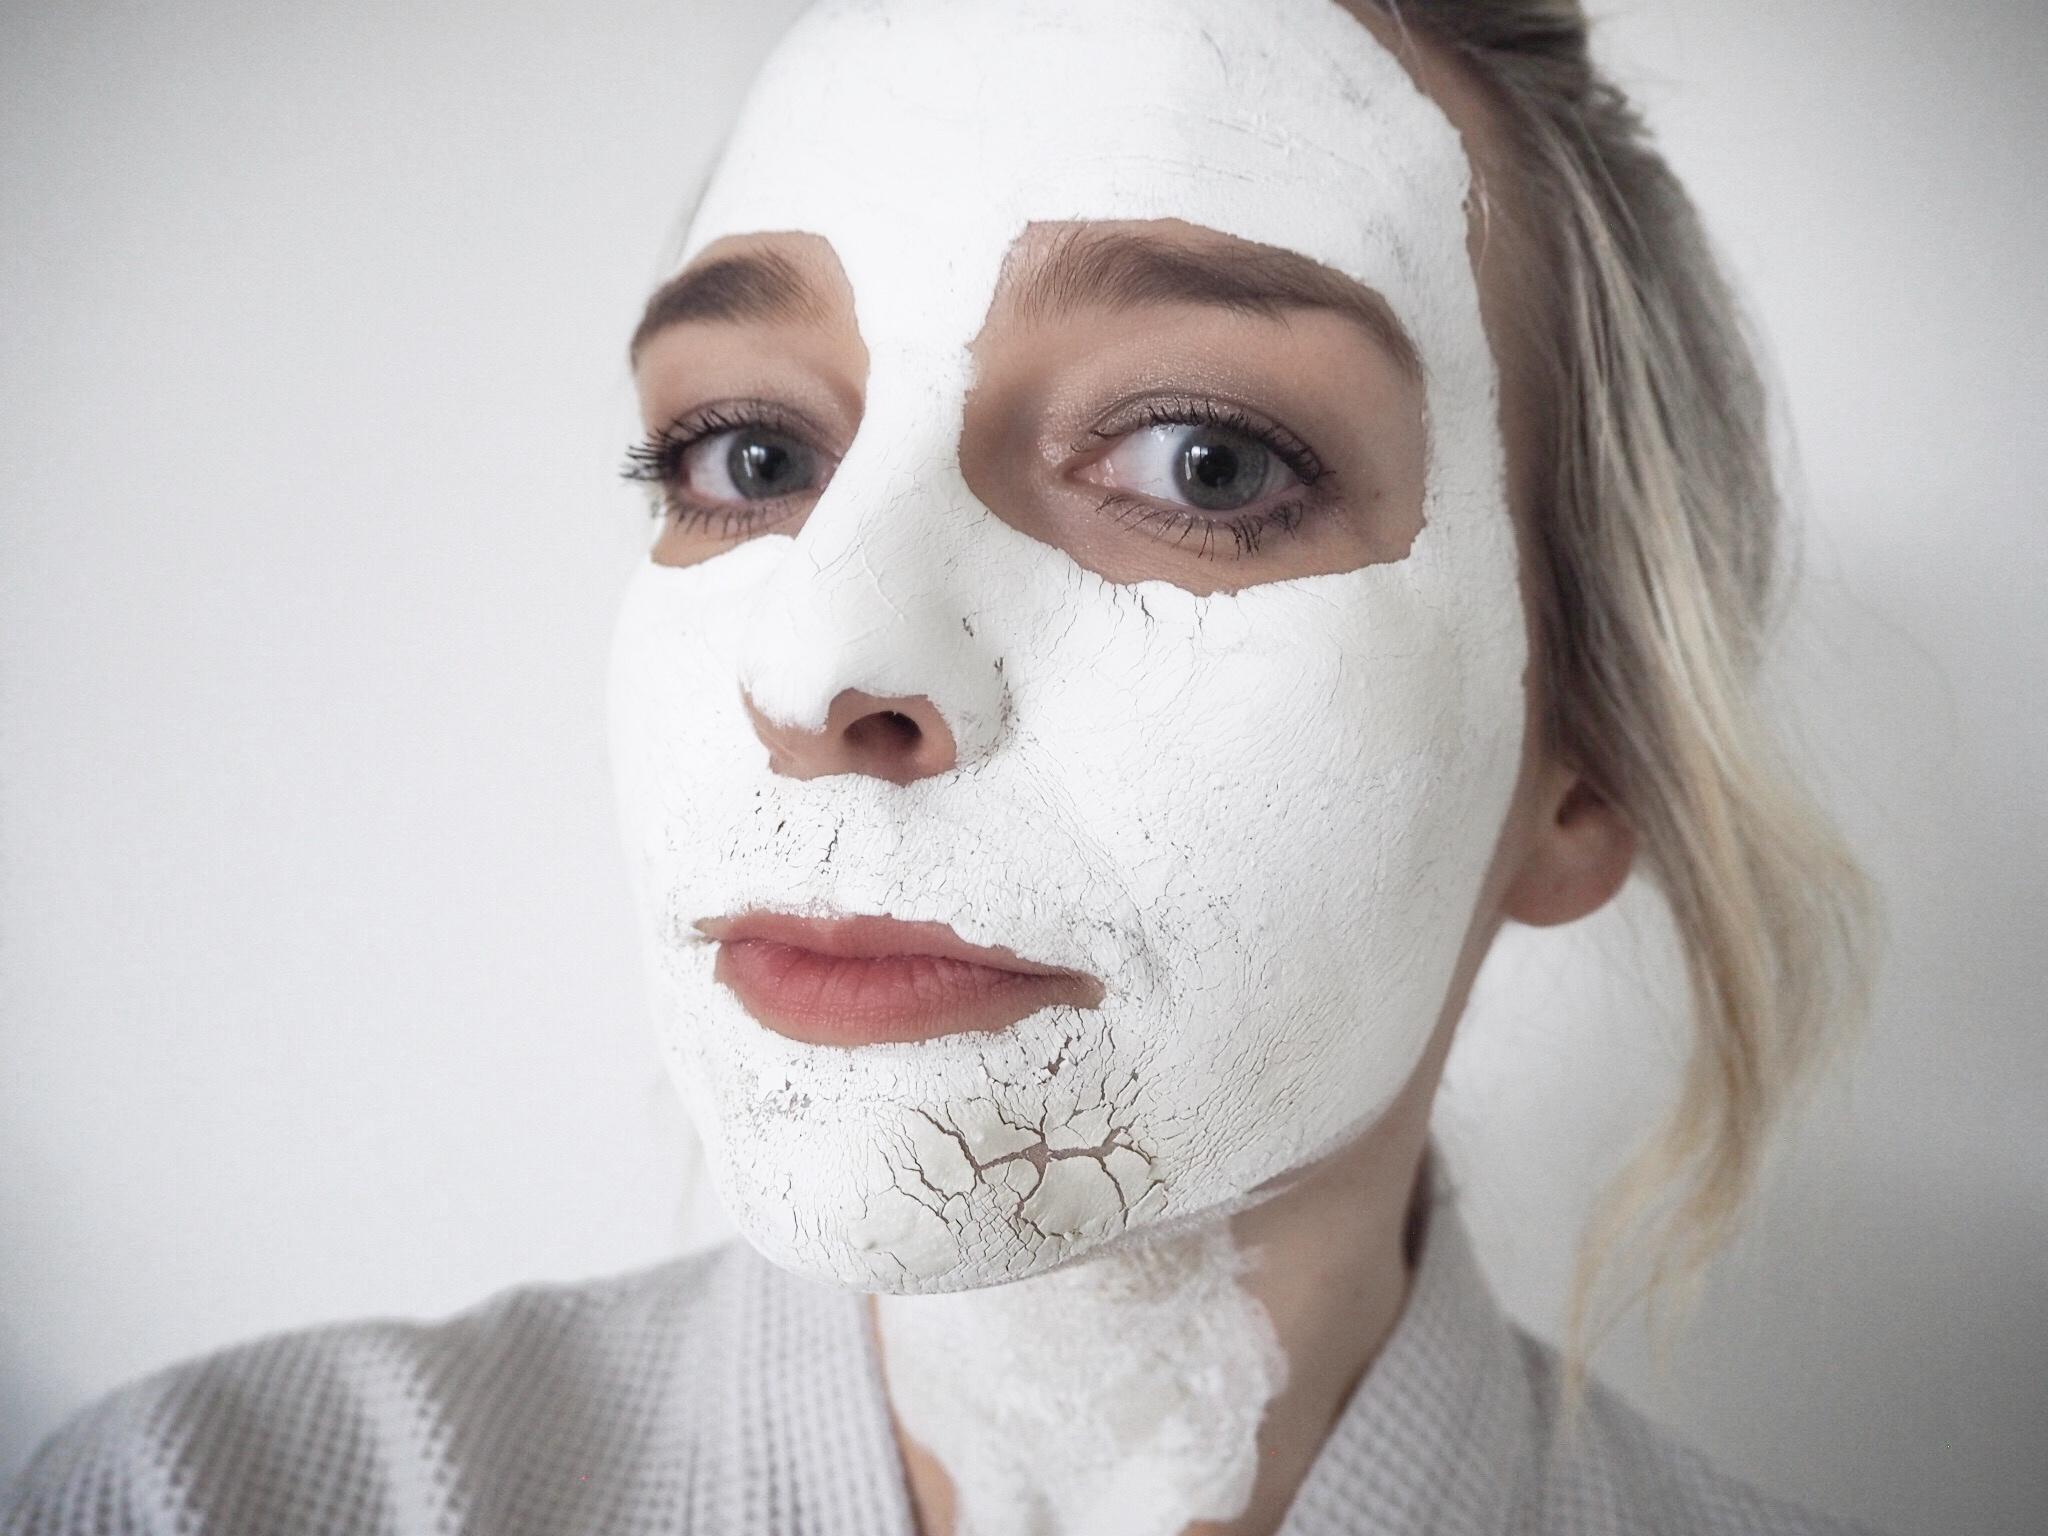 Jakmile maska na obličeji zaschla, začala se drolit, což pro mě bylo znamení, že se mám jít opláchnout.